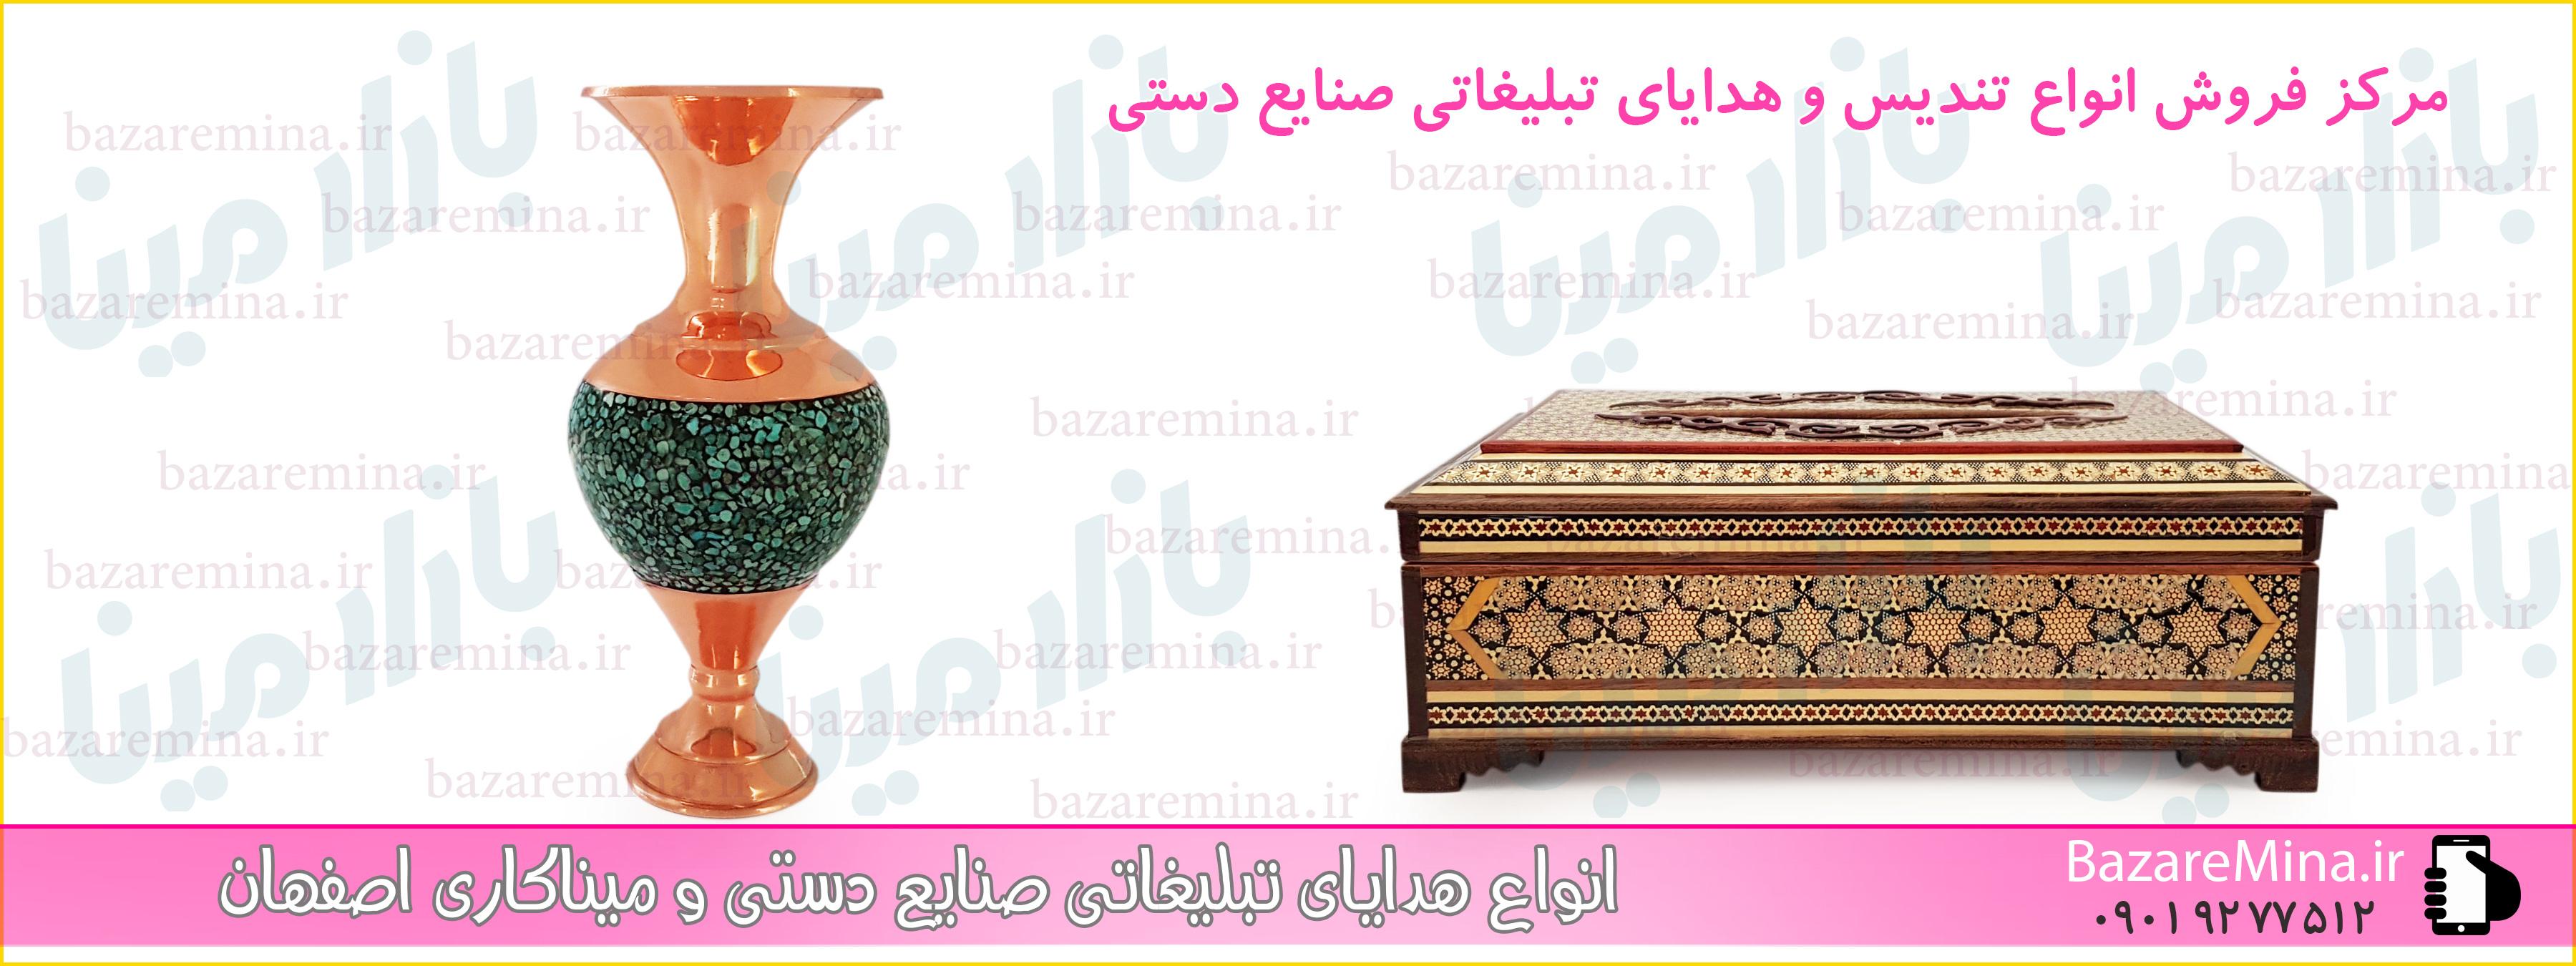 هدایای تبلیغاتی اصفهان